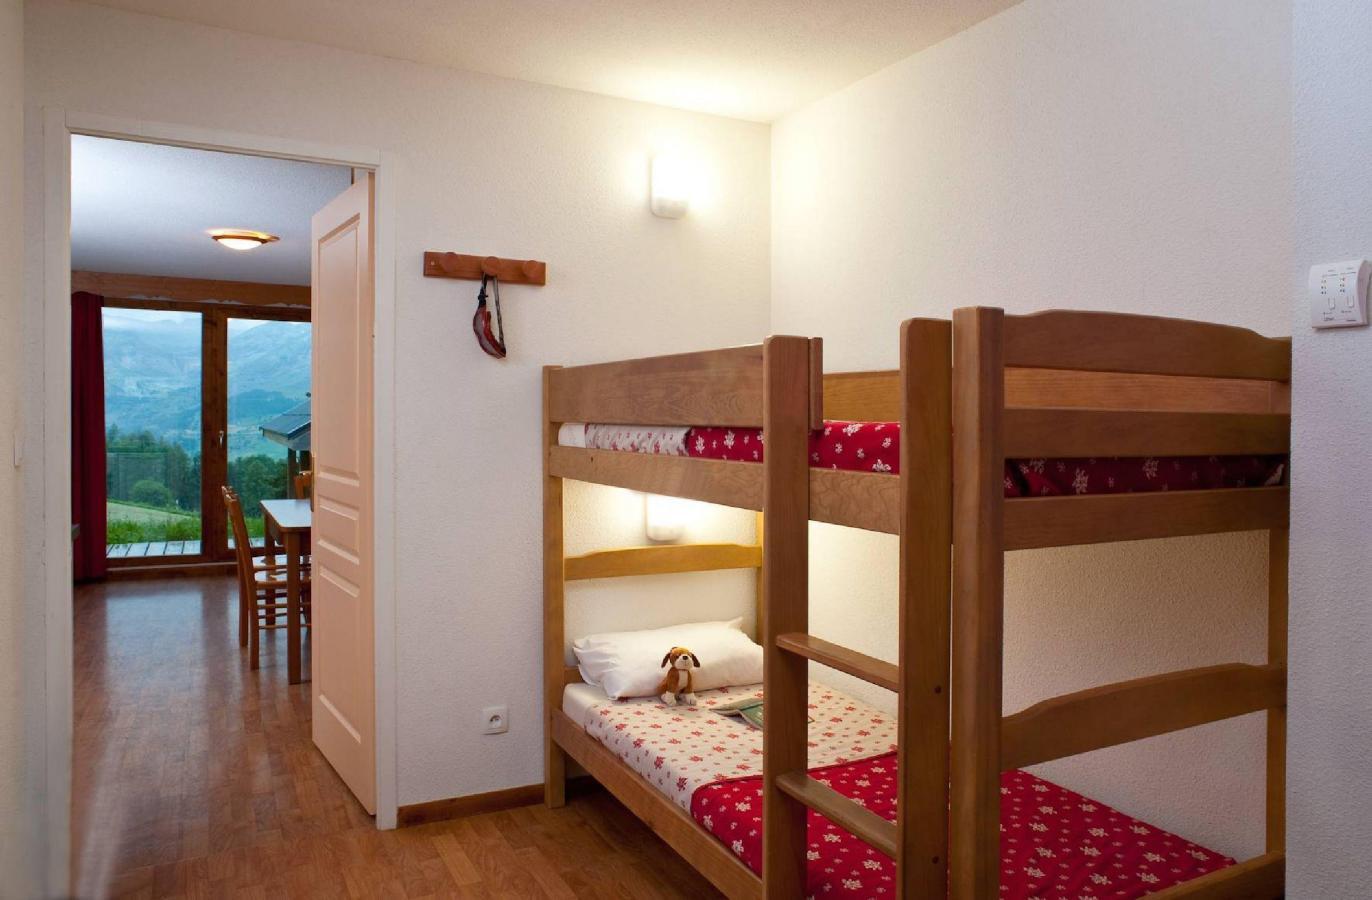 Location au ski Residence La Crete Du Berger - La Joue du Loup - Lits superposés